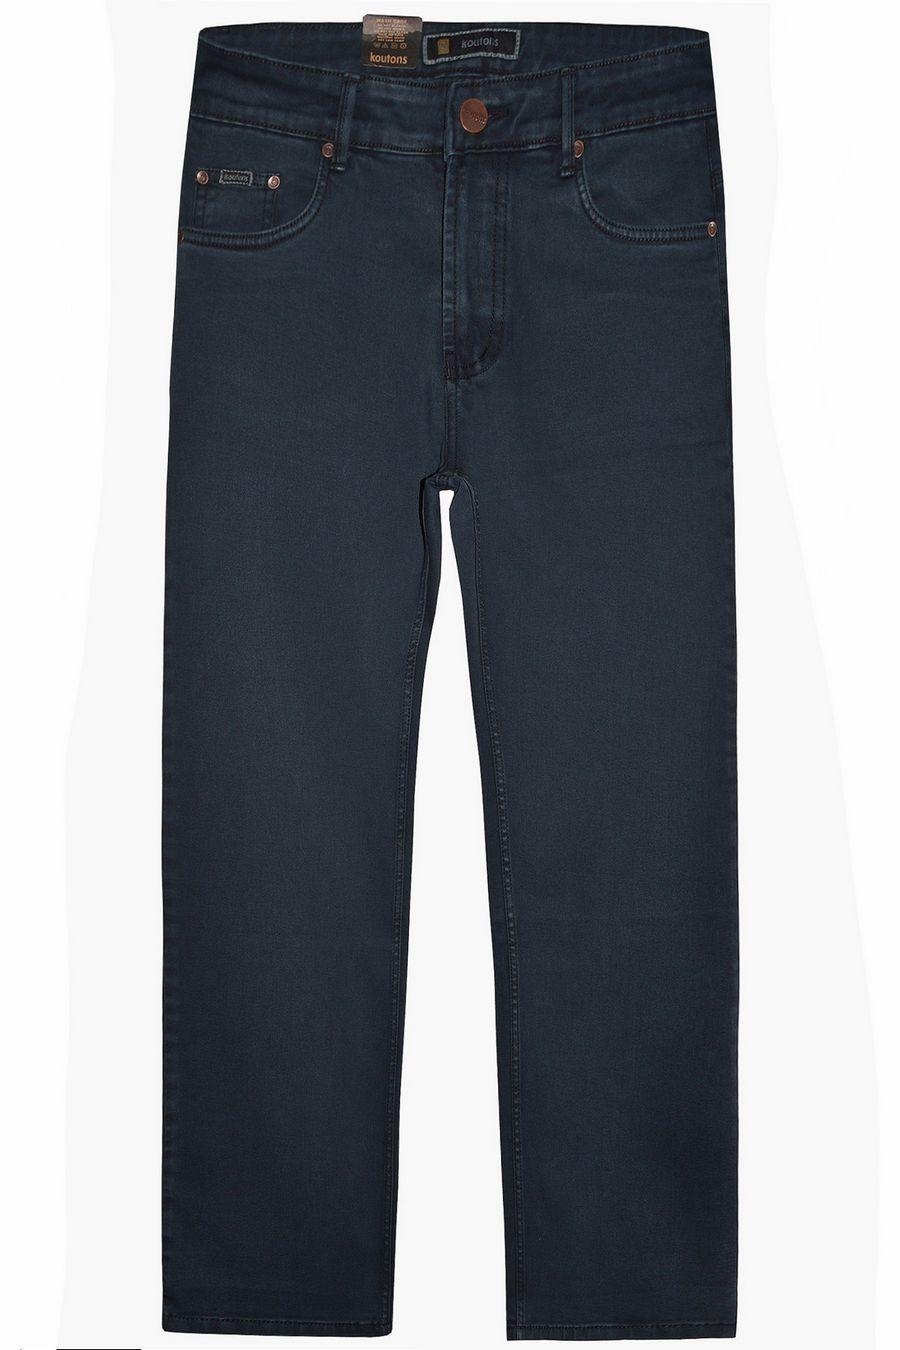 Джинсы мужские Koutons 235-8 Stretch Grey-Blue - фото 1